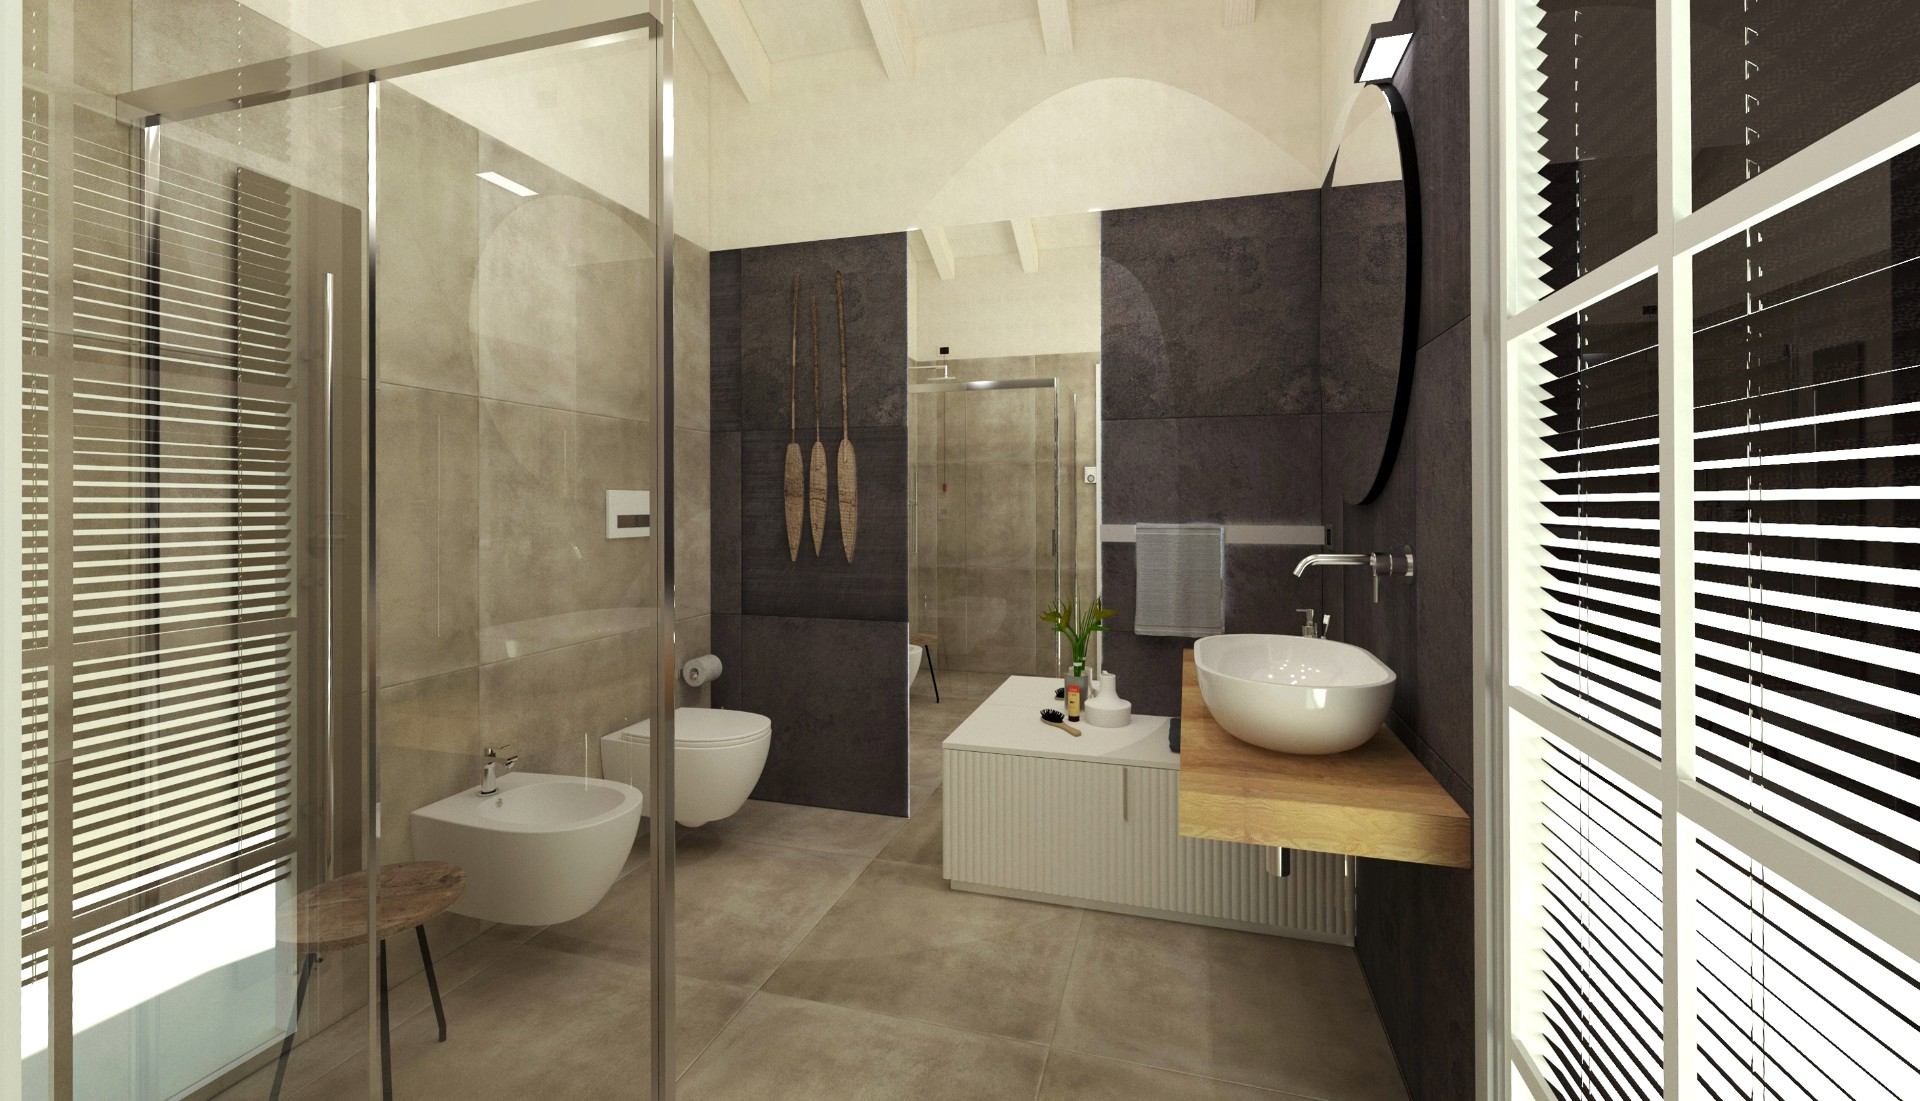 Progetti zavan forniture arredo bagno pavimenti for Arredo bagno aziende produttrici